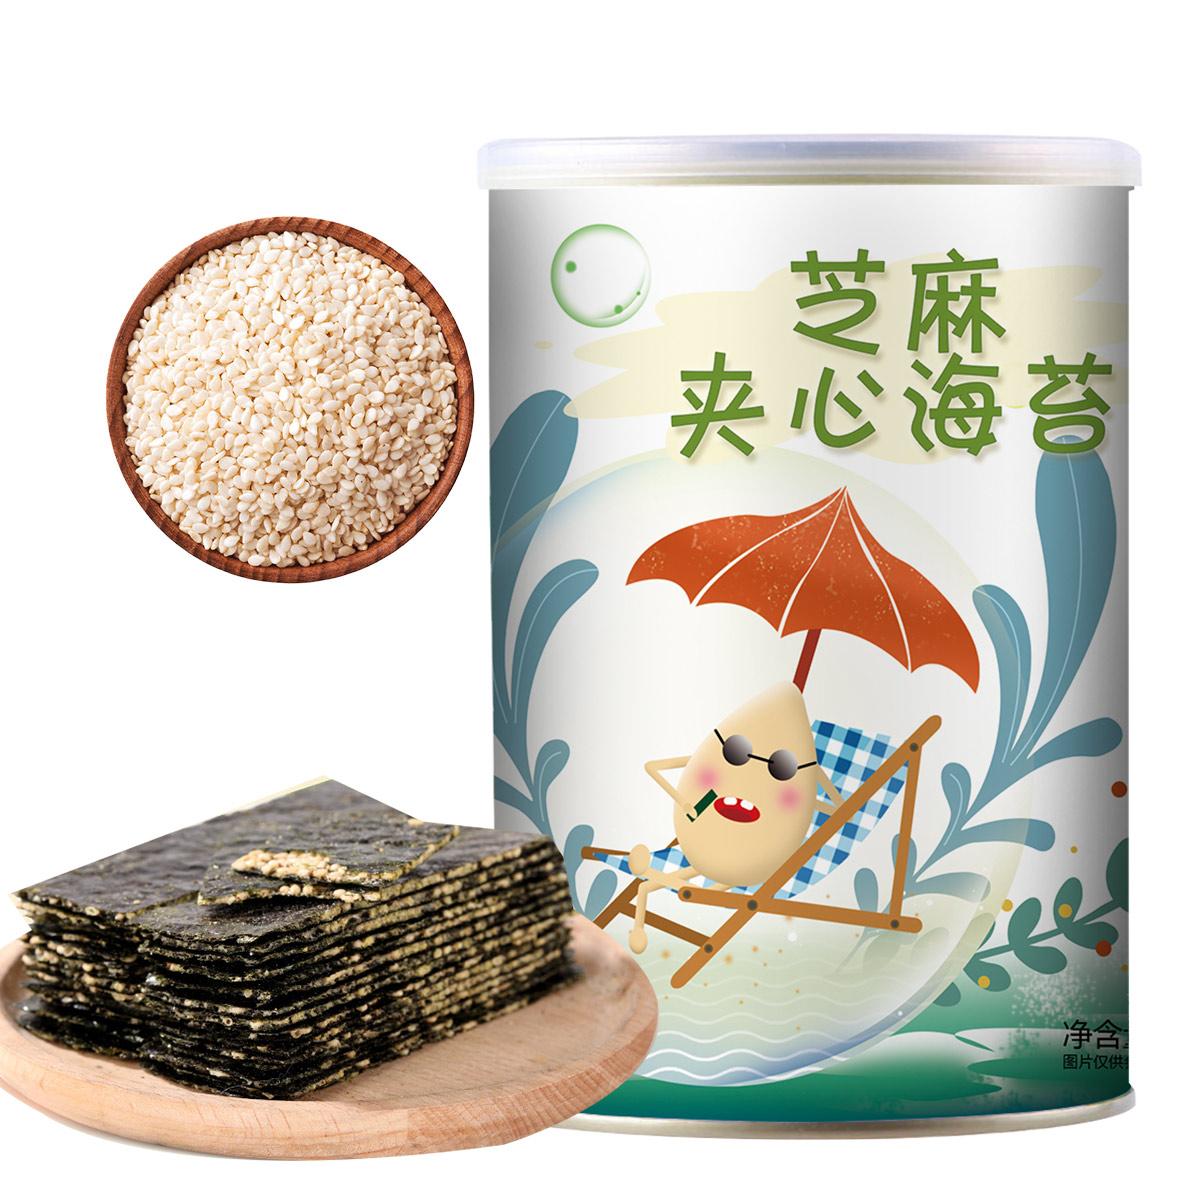 苏兰亭芝麻夹心海苔夹心脆儿童海苔罐装零食即食紫菜海苔寿司海苔52克COLOR其它颜色